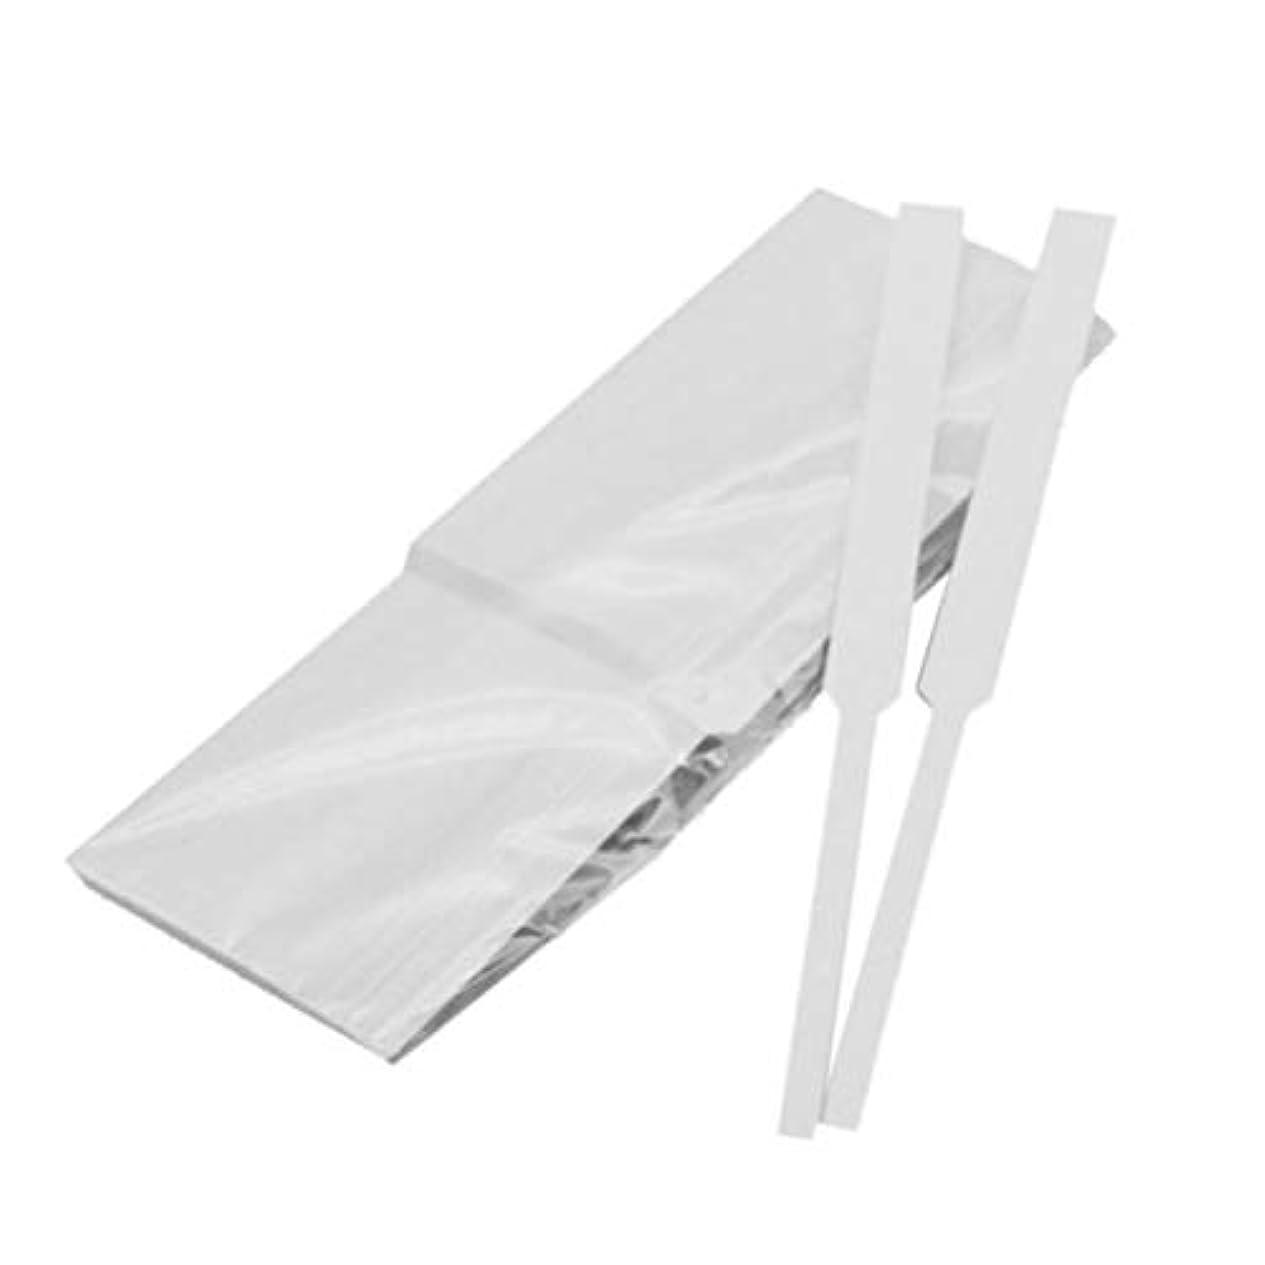 引き渡すマイコンインドFrcolor 試香紙 香料試験紙 プロ用 香水 香水テストストリップ 匂い紙 アロマテラピー ペーパー 100本セット(スタイル1)